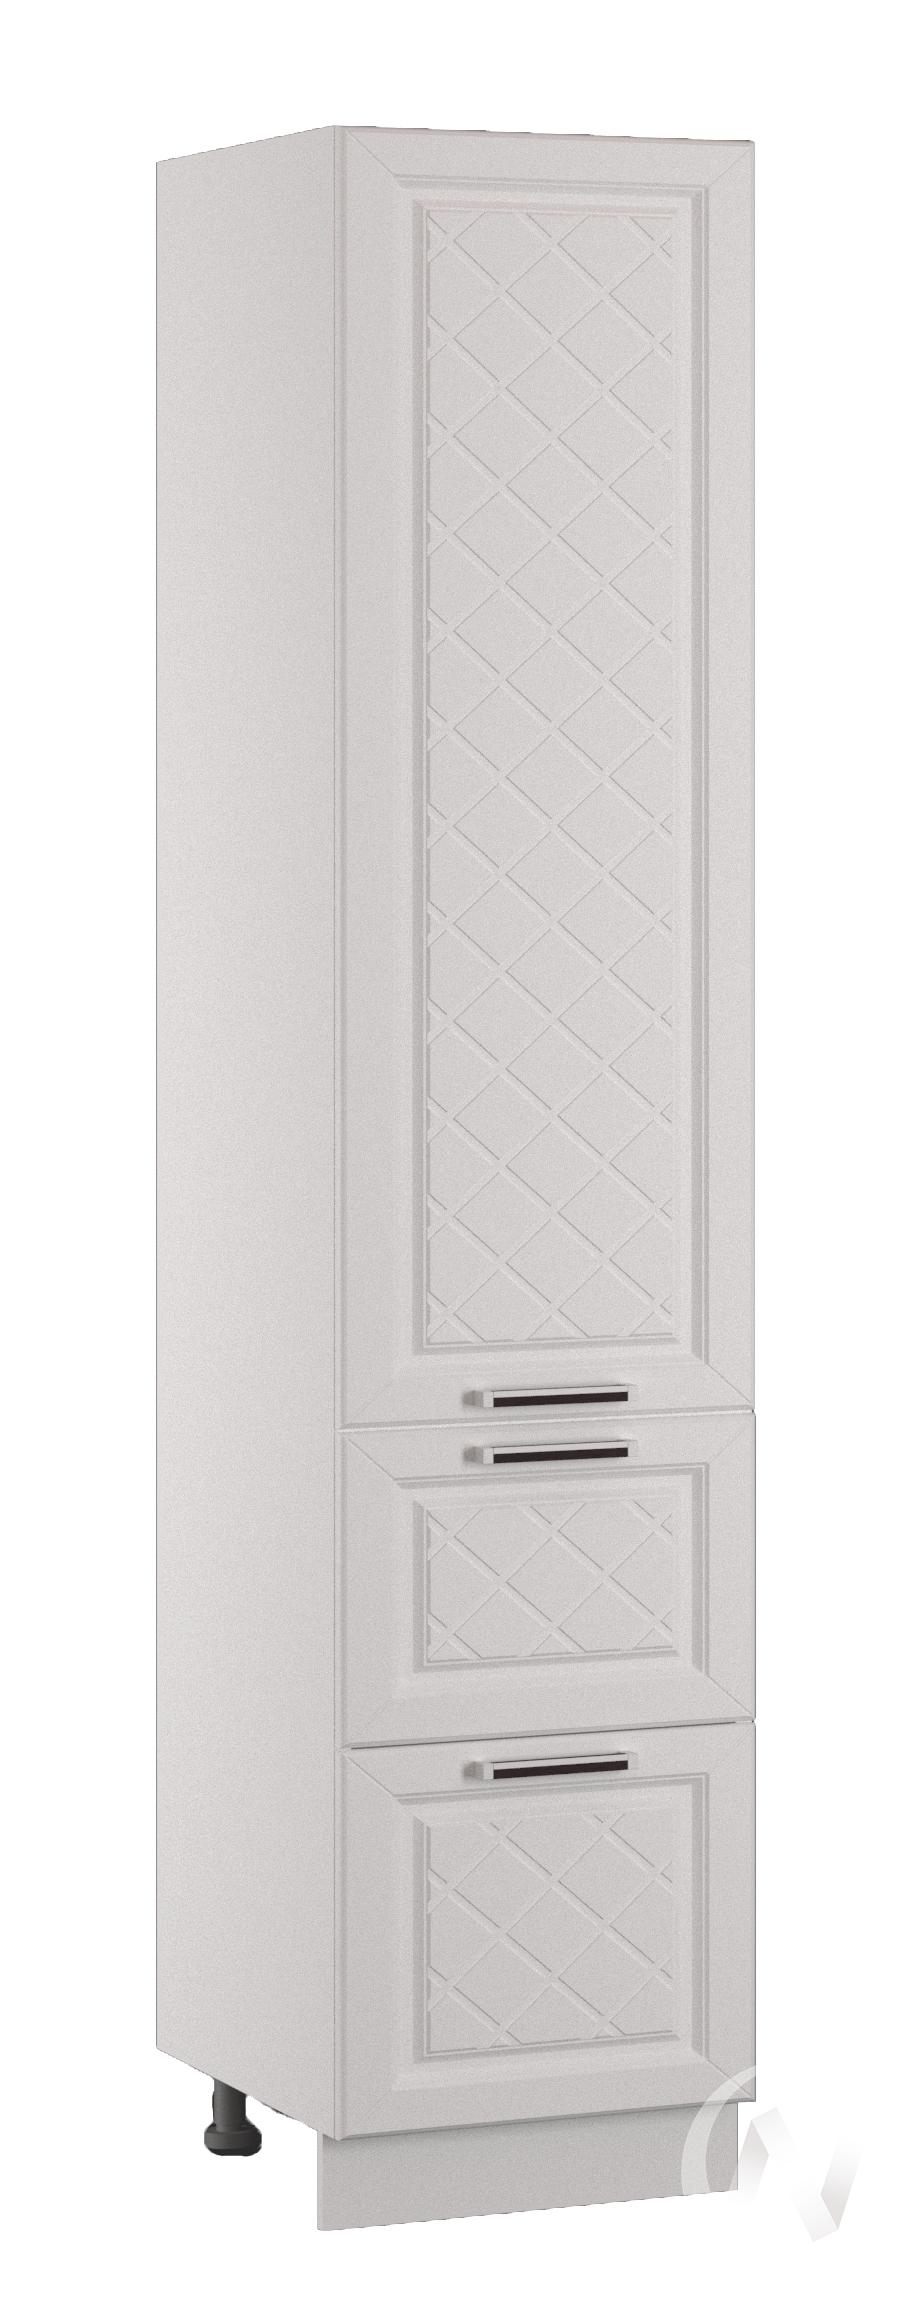 """Кухня """"Вена"""": Шкаф пенал с 2-мя ящиками 400, ШП2Я 400 (корпус белый)"""